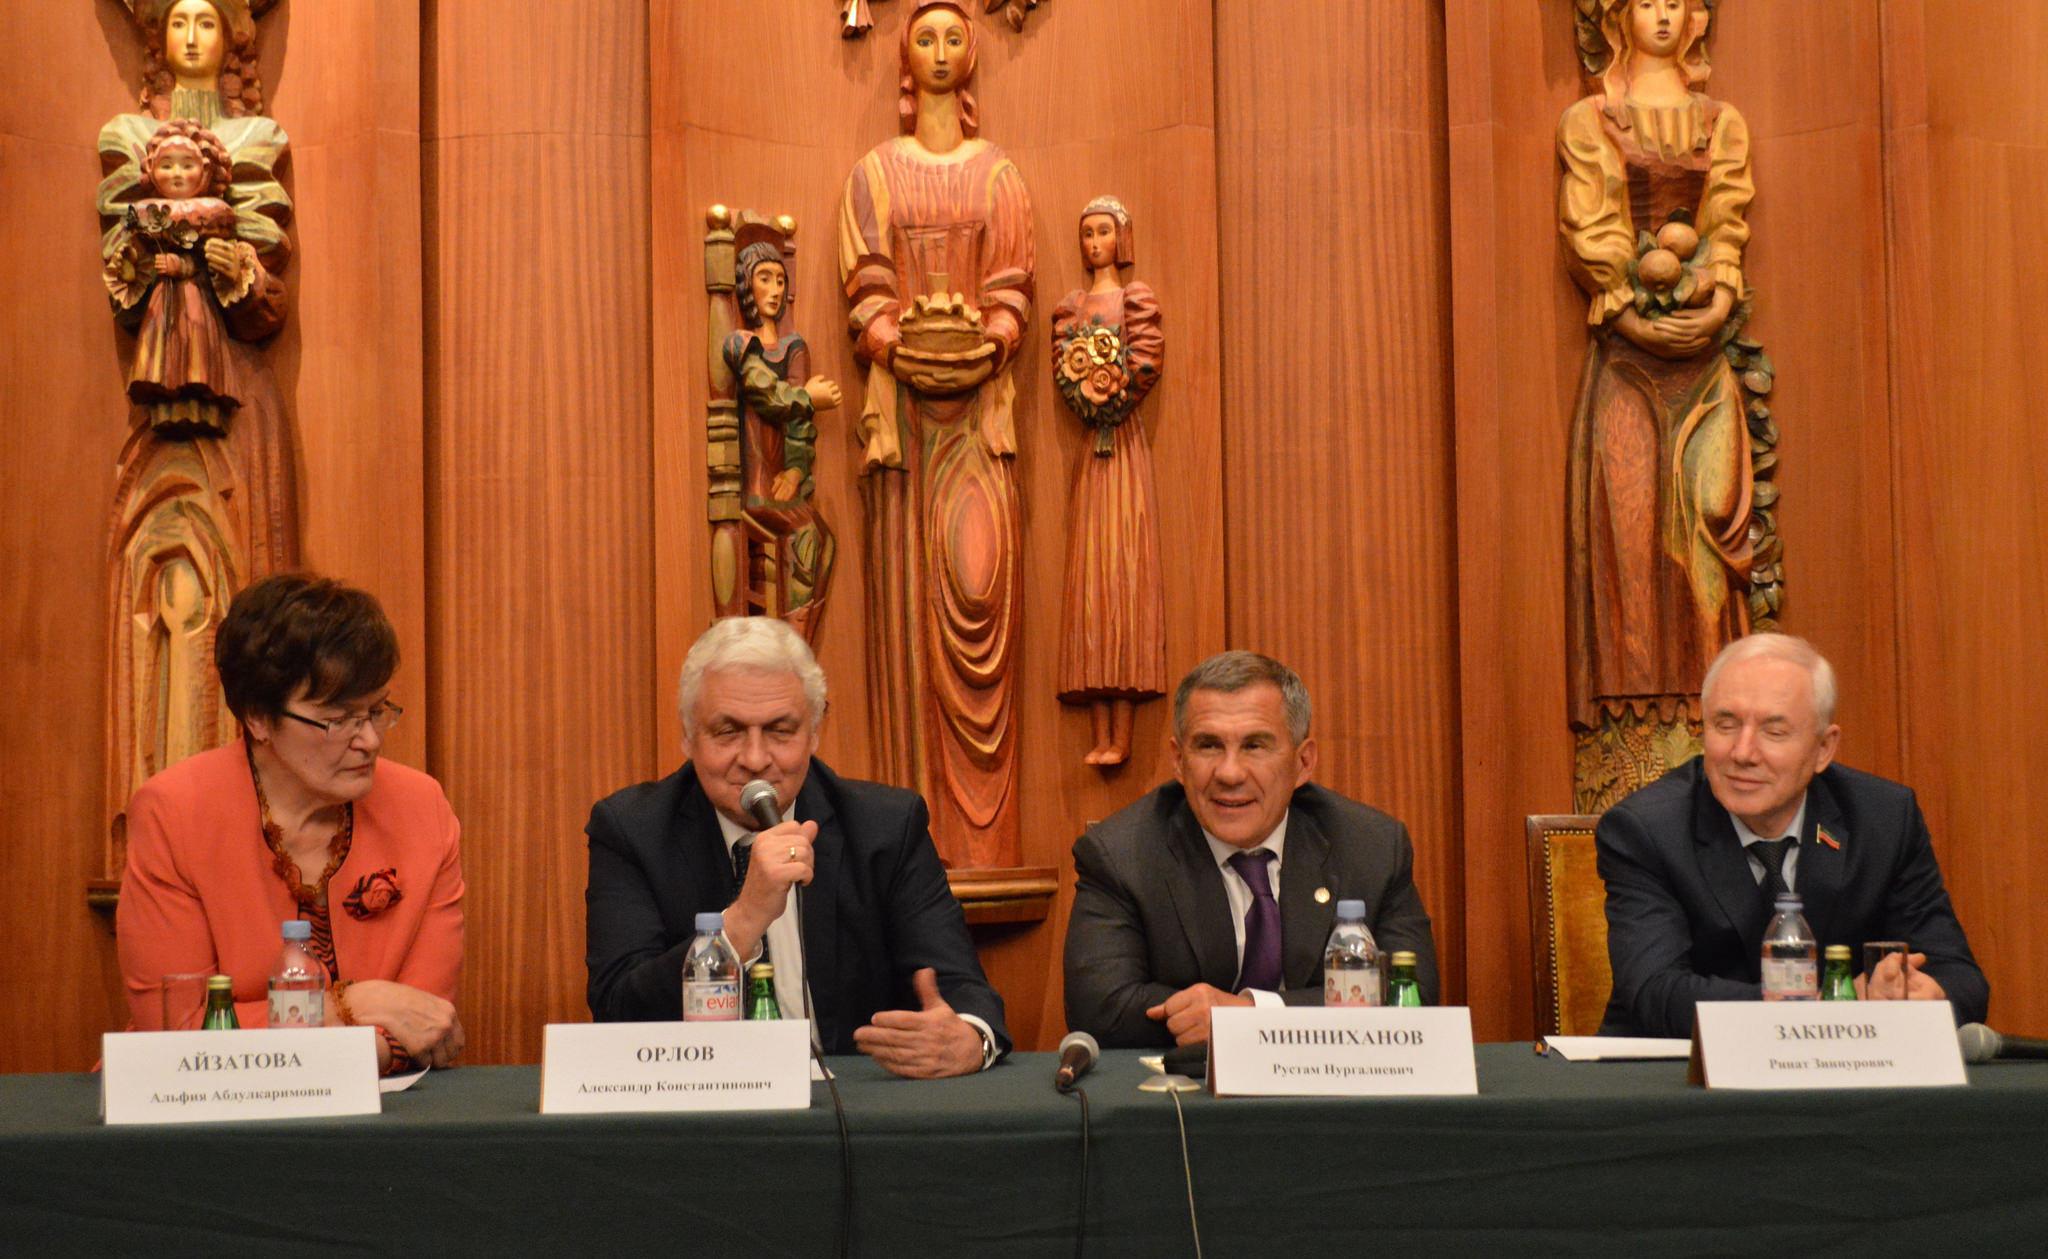 Le numéro un tatar Roustam Minnikhanov (deuxième à droite) et monsieur l'ambassadeur de Russie en France Alexandre Orlov (deuxième à gauche).